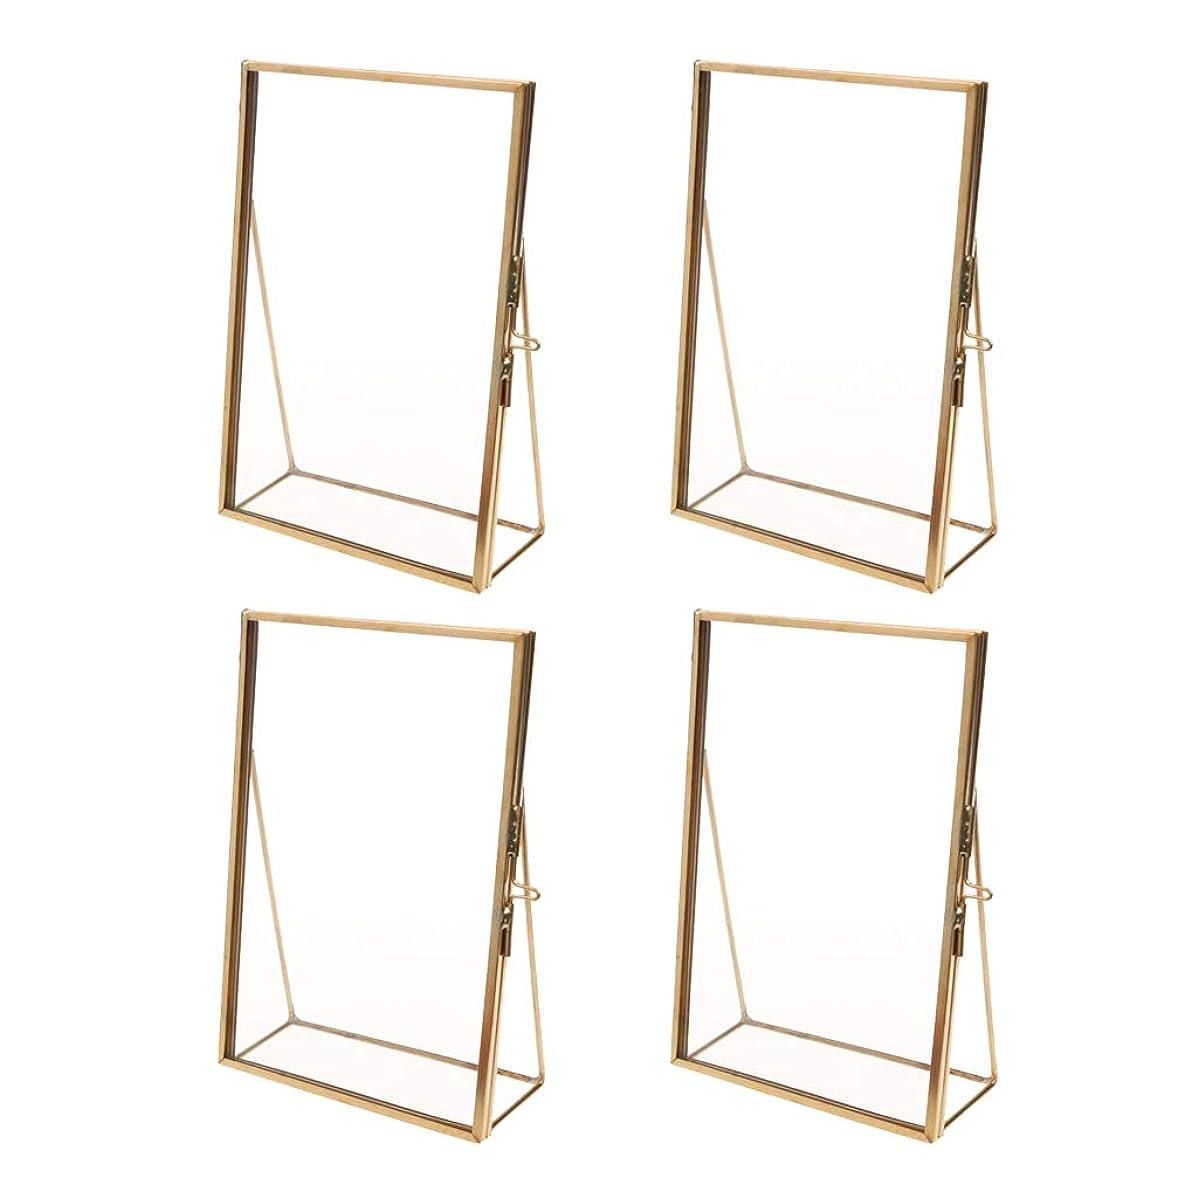 延ばす十年ダイエットエレガント 4個 フォトフレーム 超透明ガラス製 丈夫